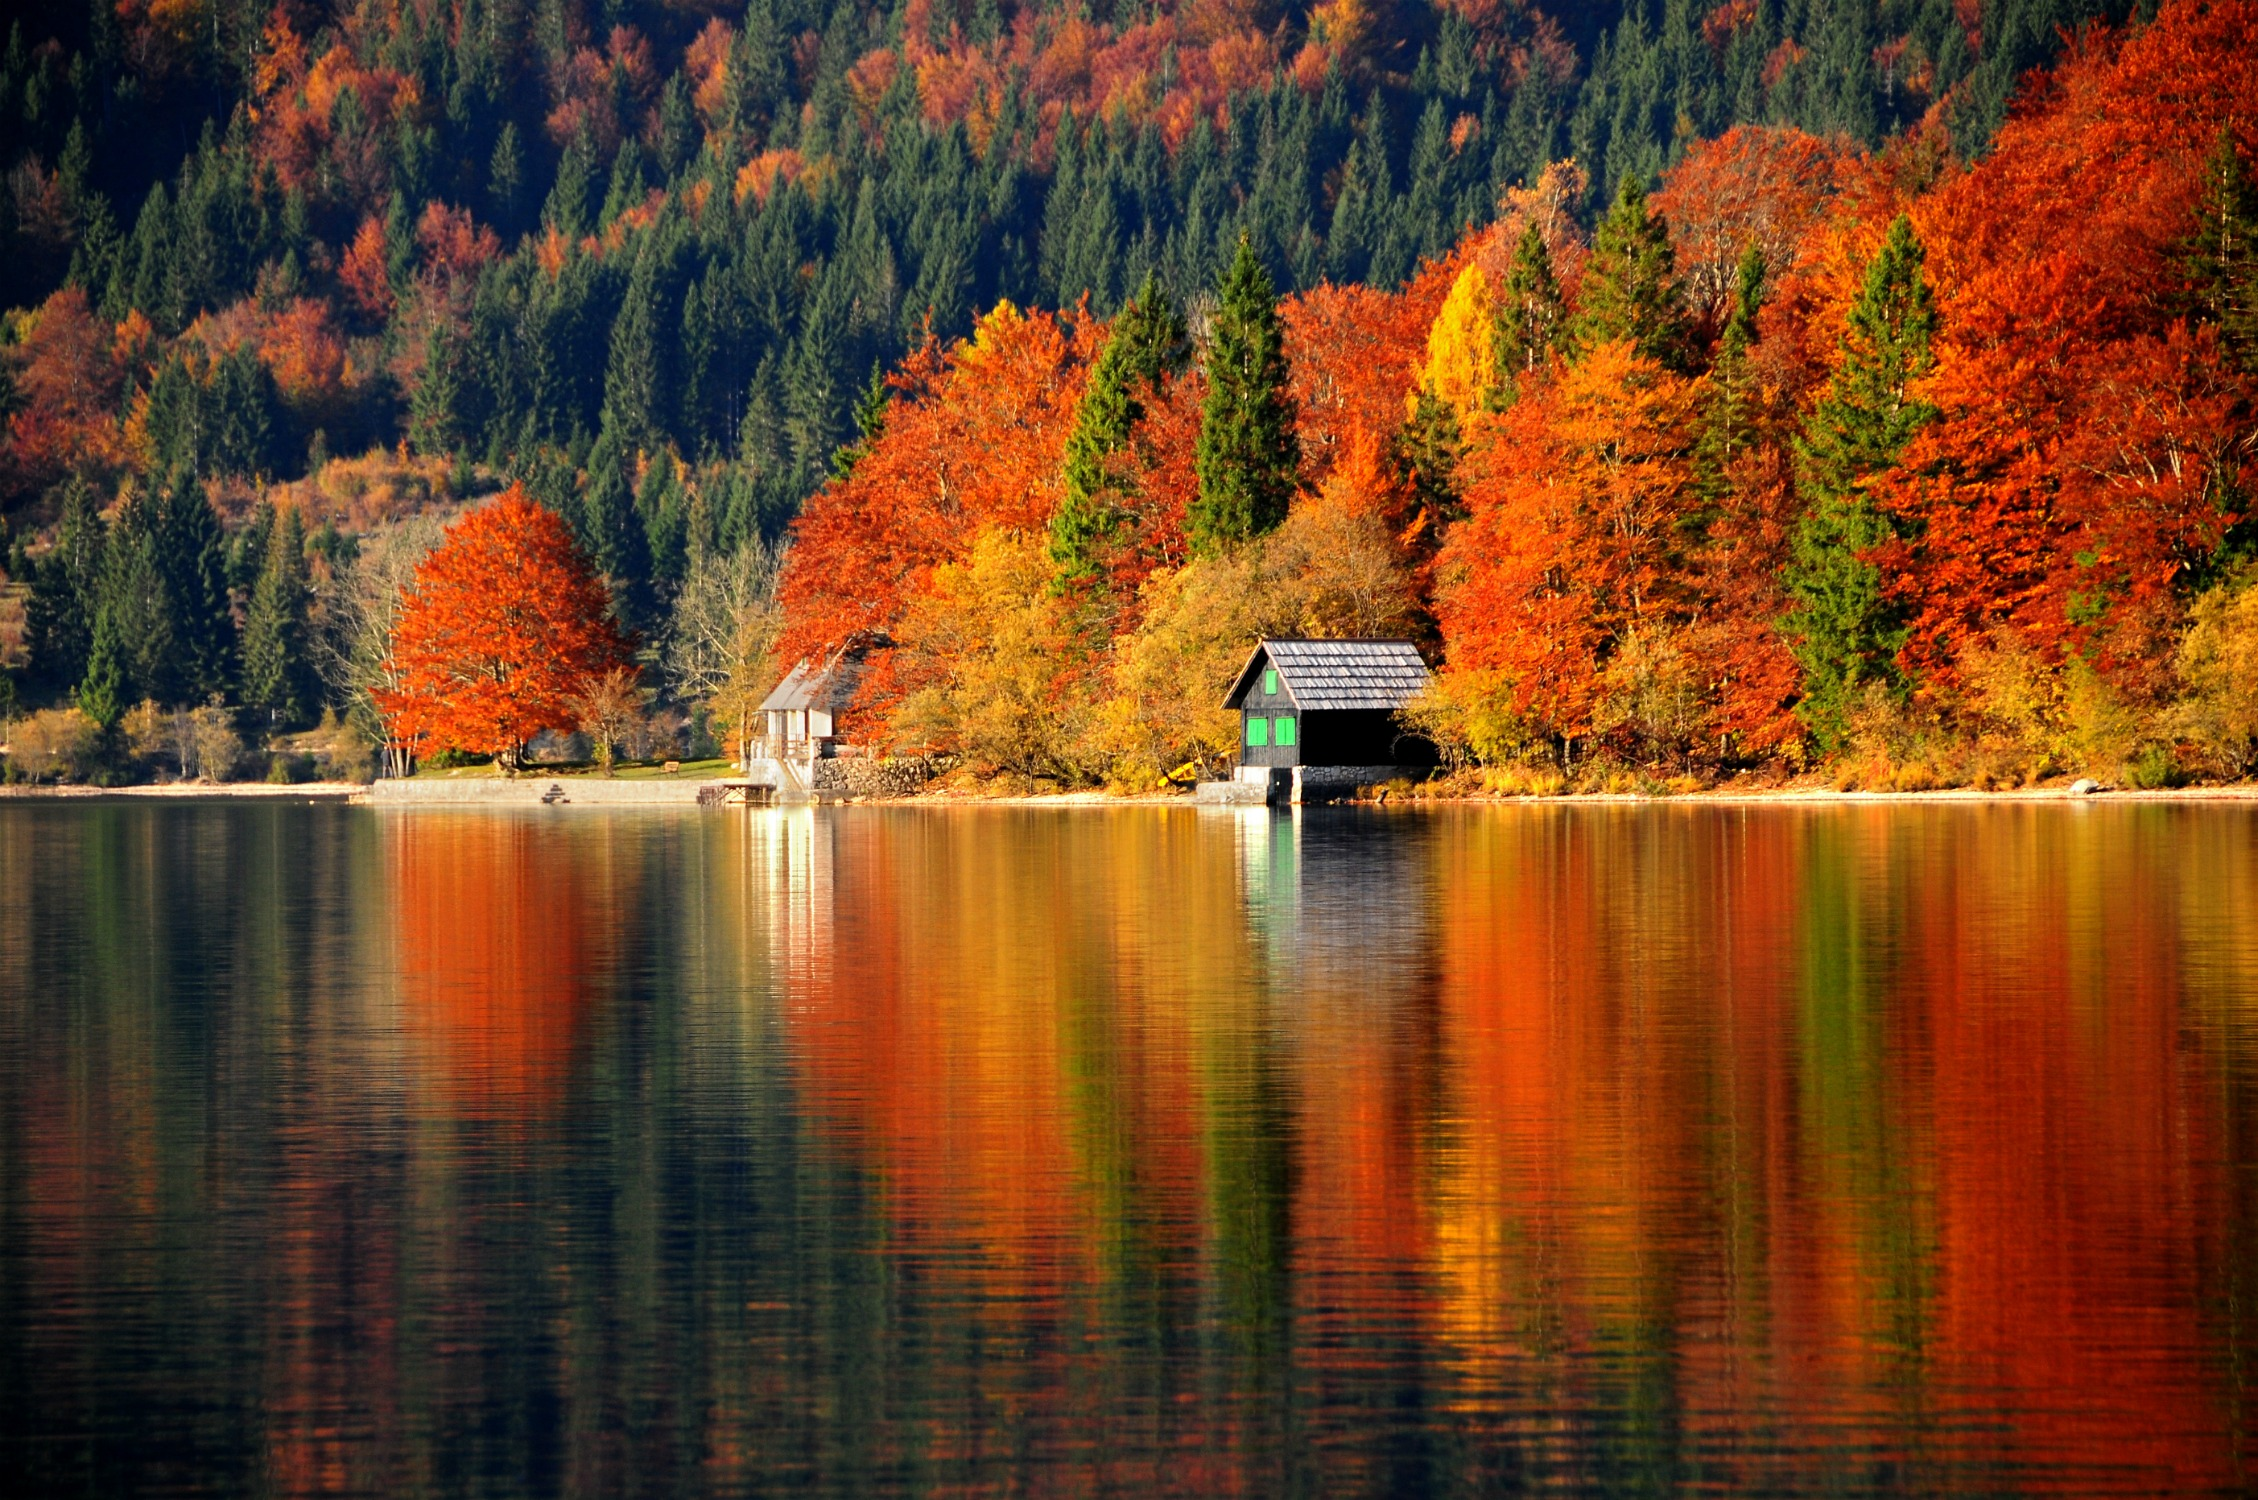 осенний лес у озера  № 254807 загрузить